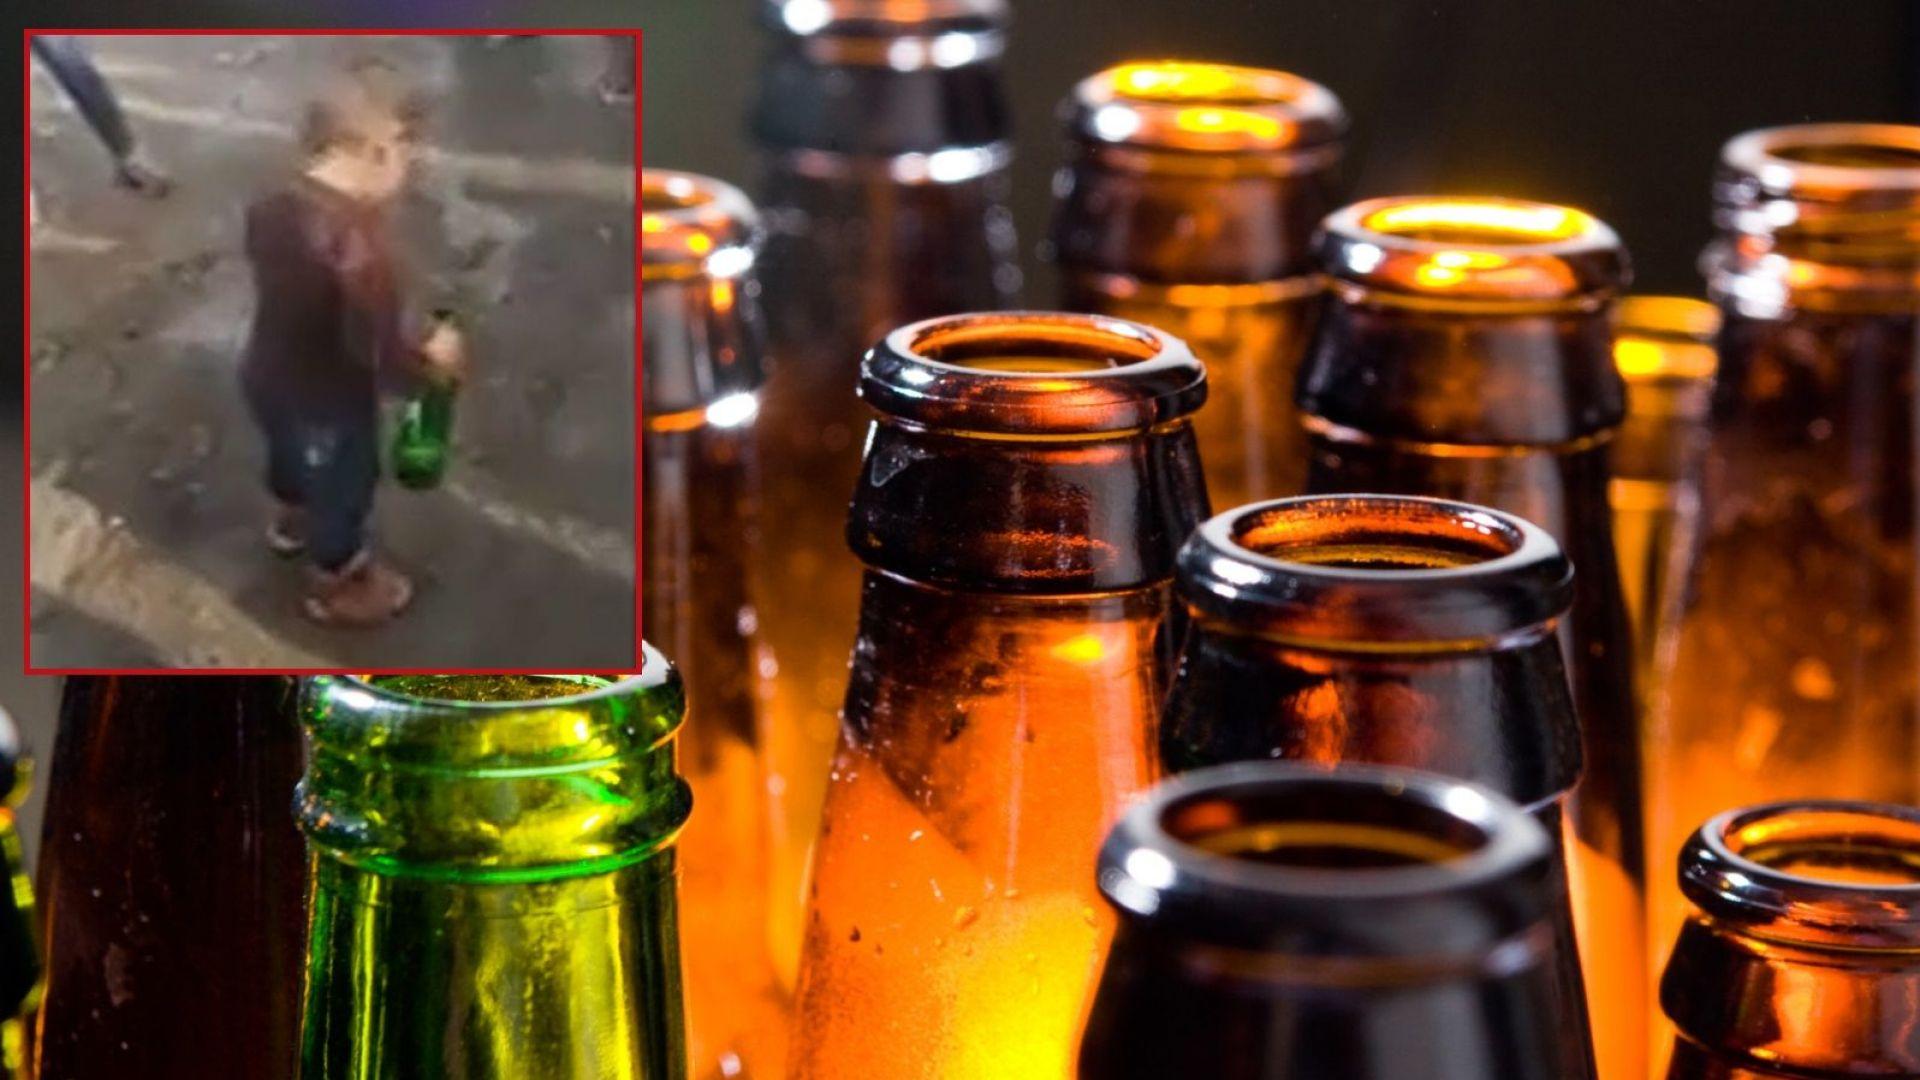 Невръстно дете с бирена бутилка в ръка: Пиян ли е Кевин? (видео)